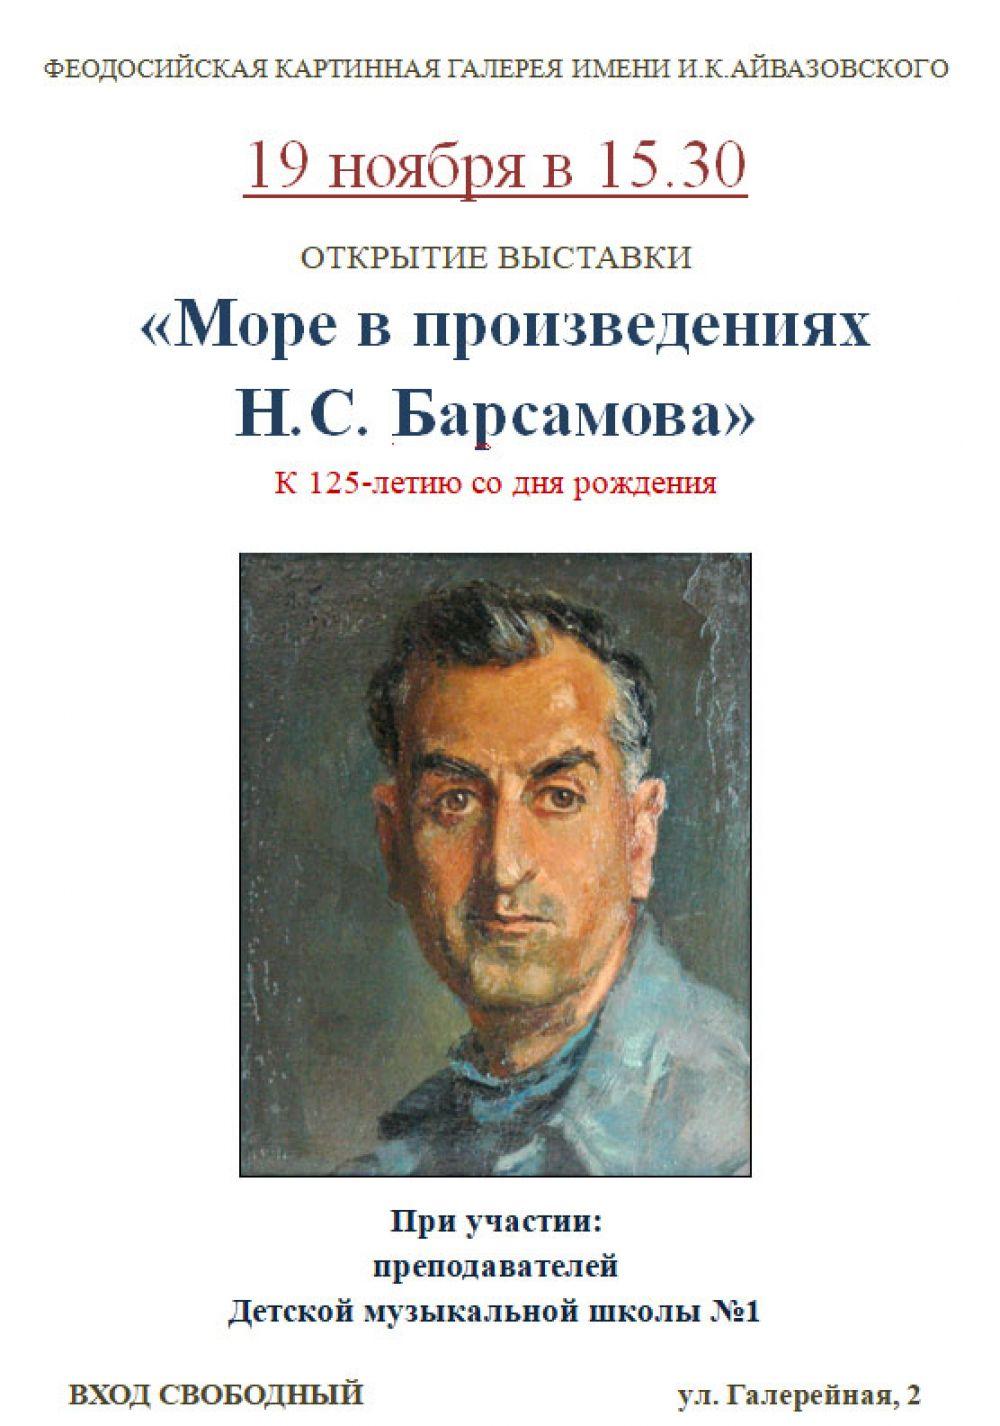 Феодосийская галерея Айвазовского представит выставку «Море в произведениях Барсамова»